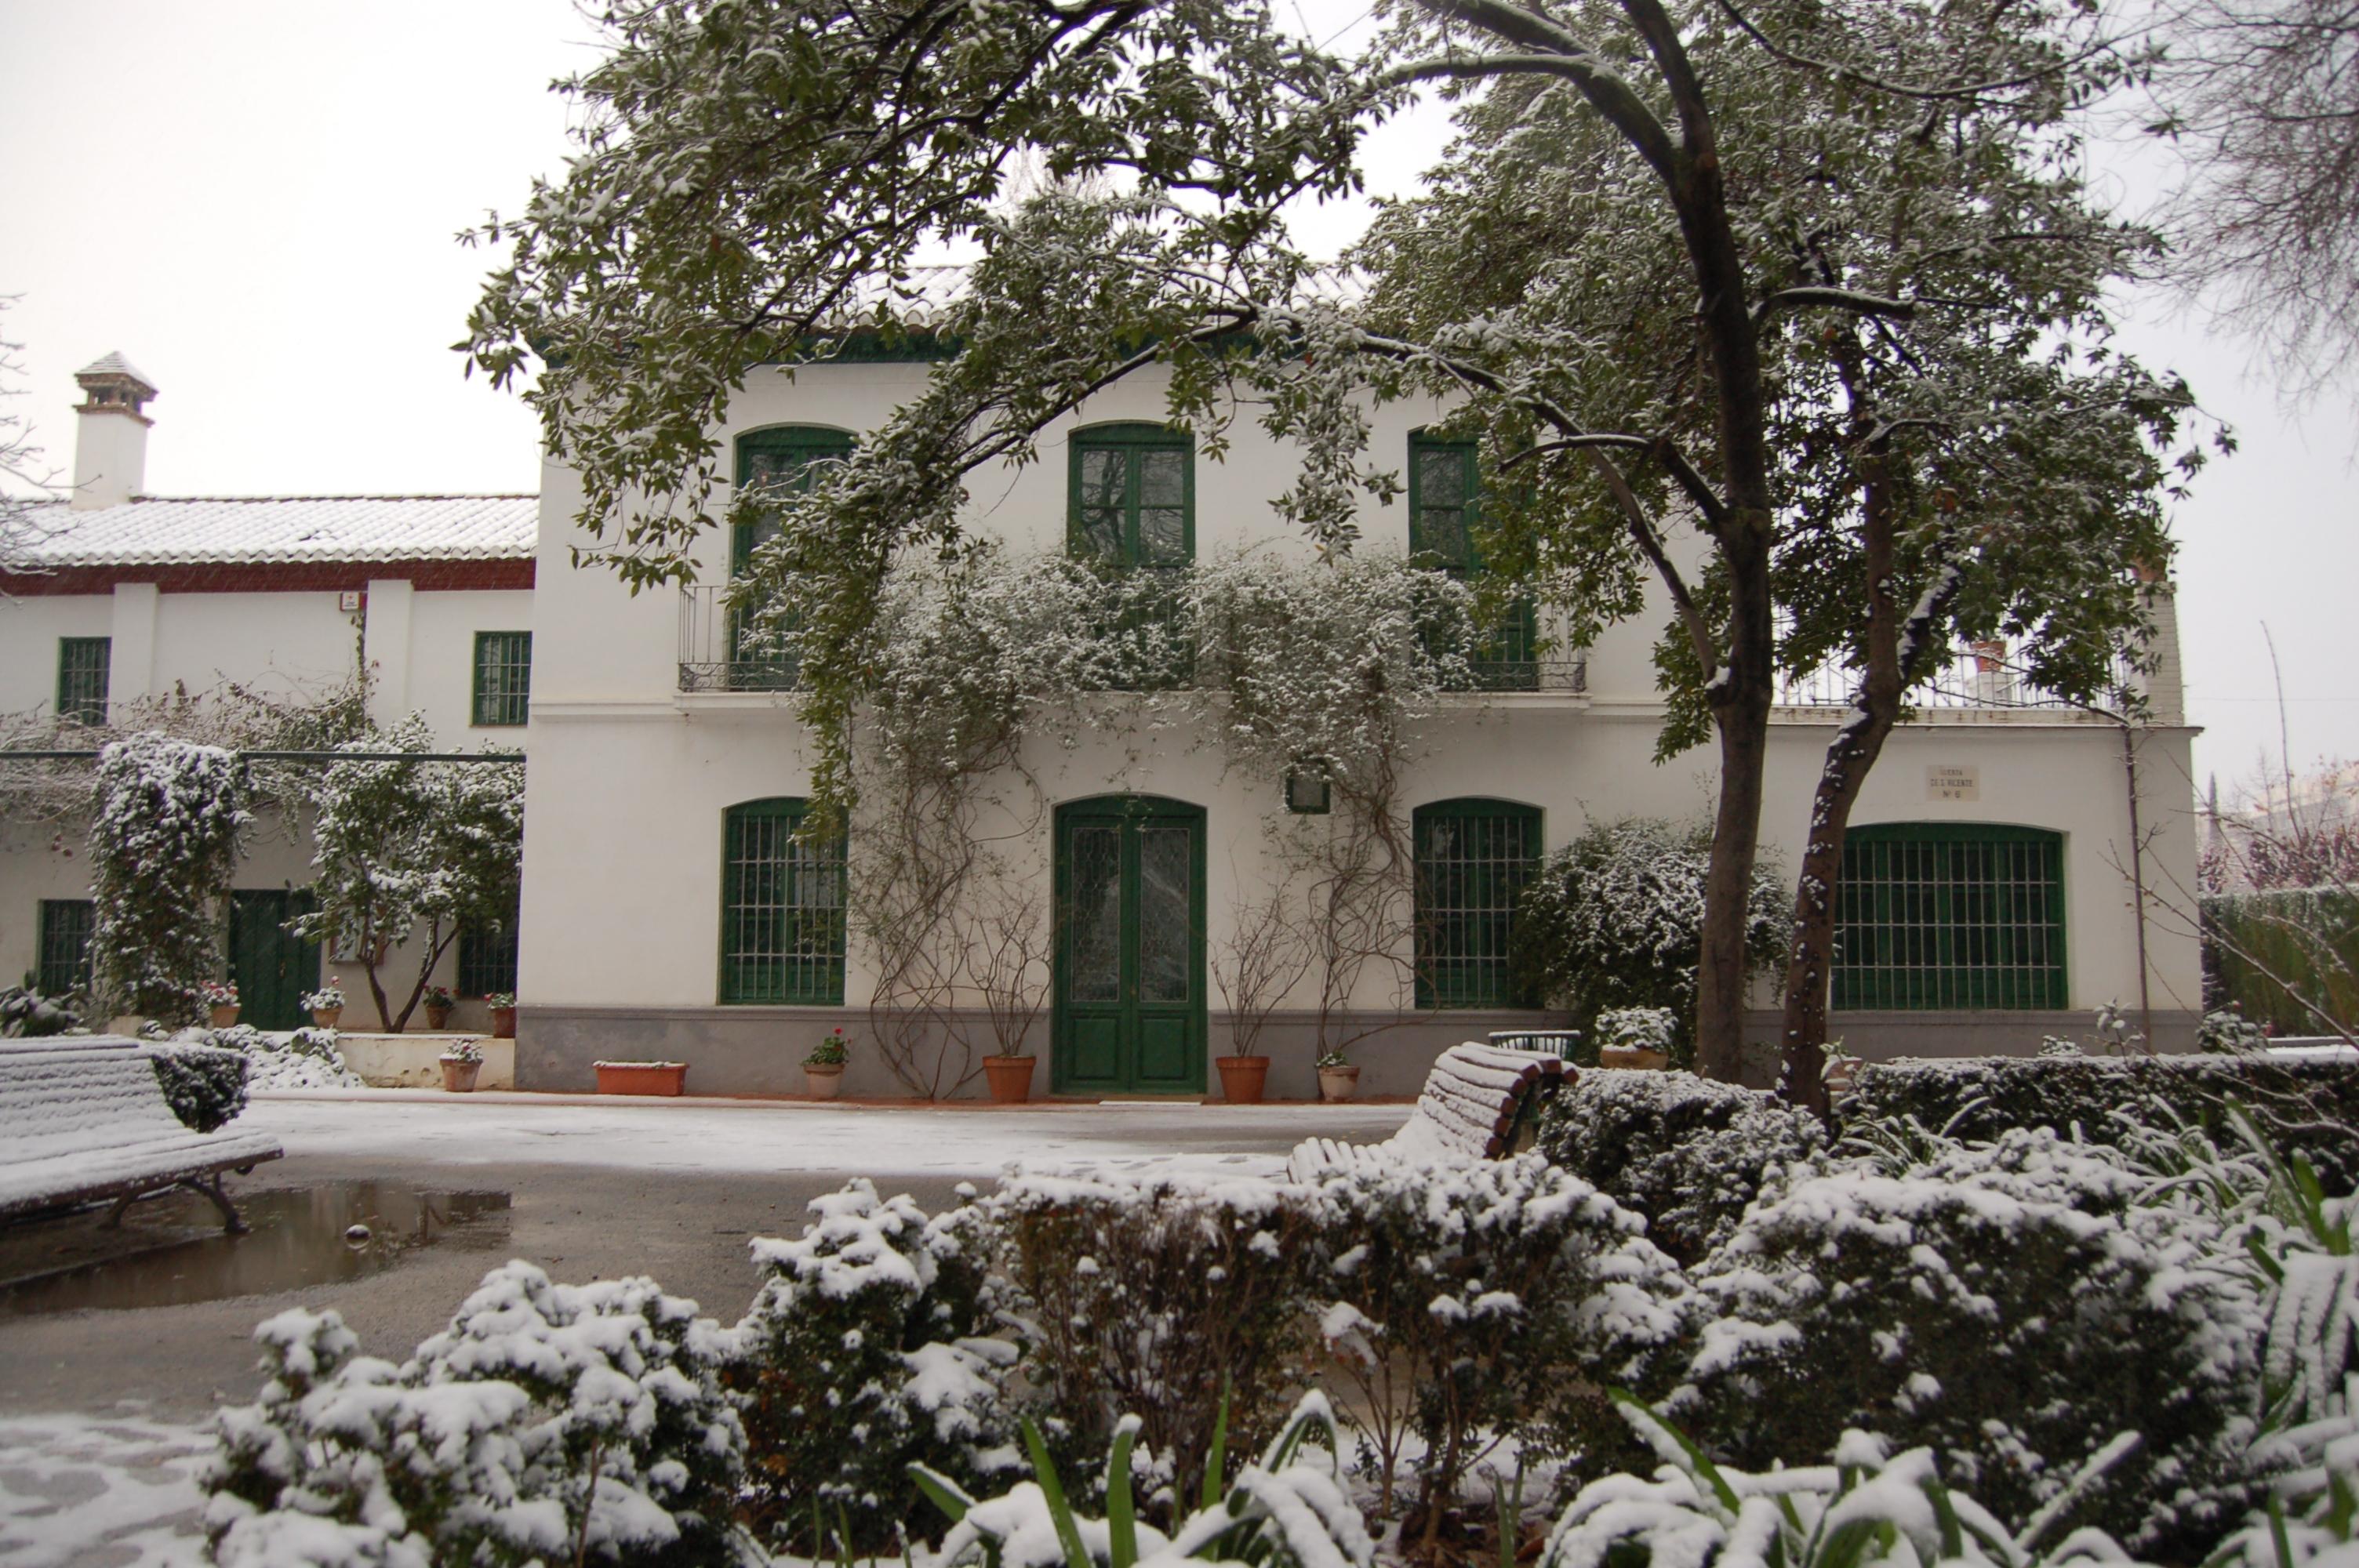 Huerta de san vicente nevada fotos de granada en blanco for Huerta de san vicente muebles